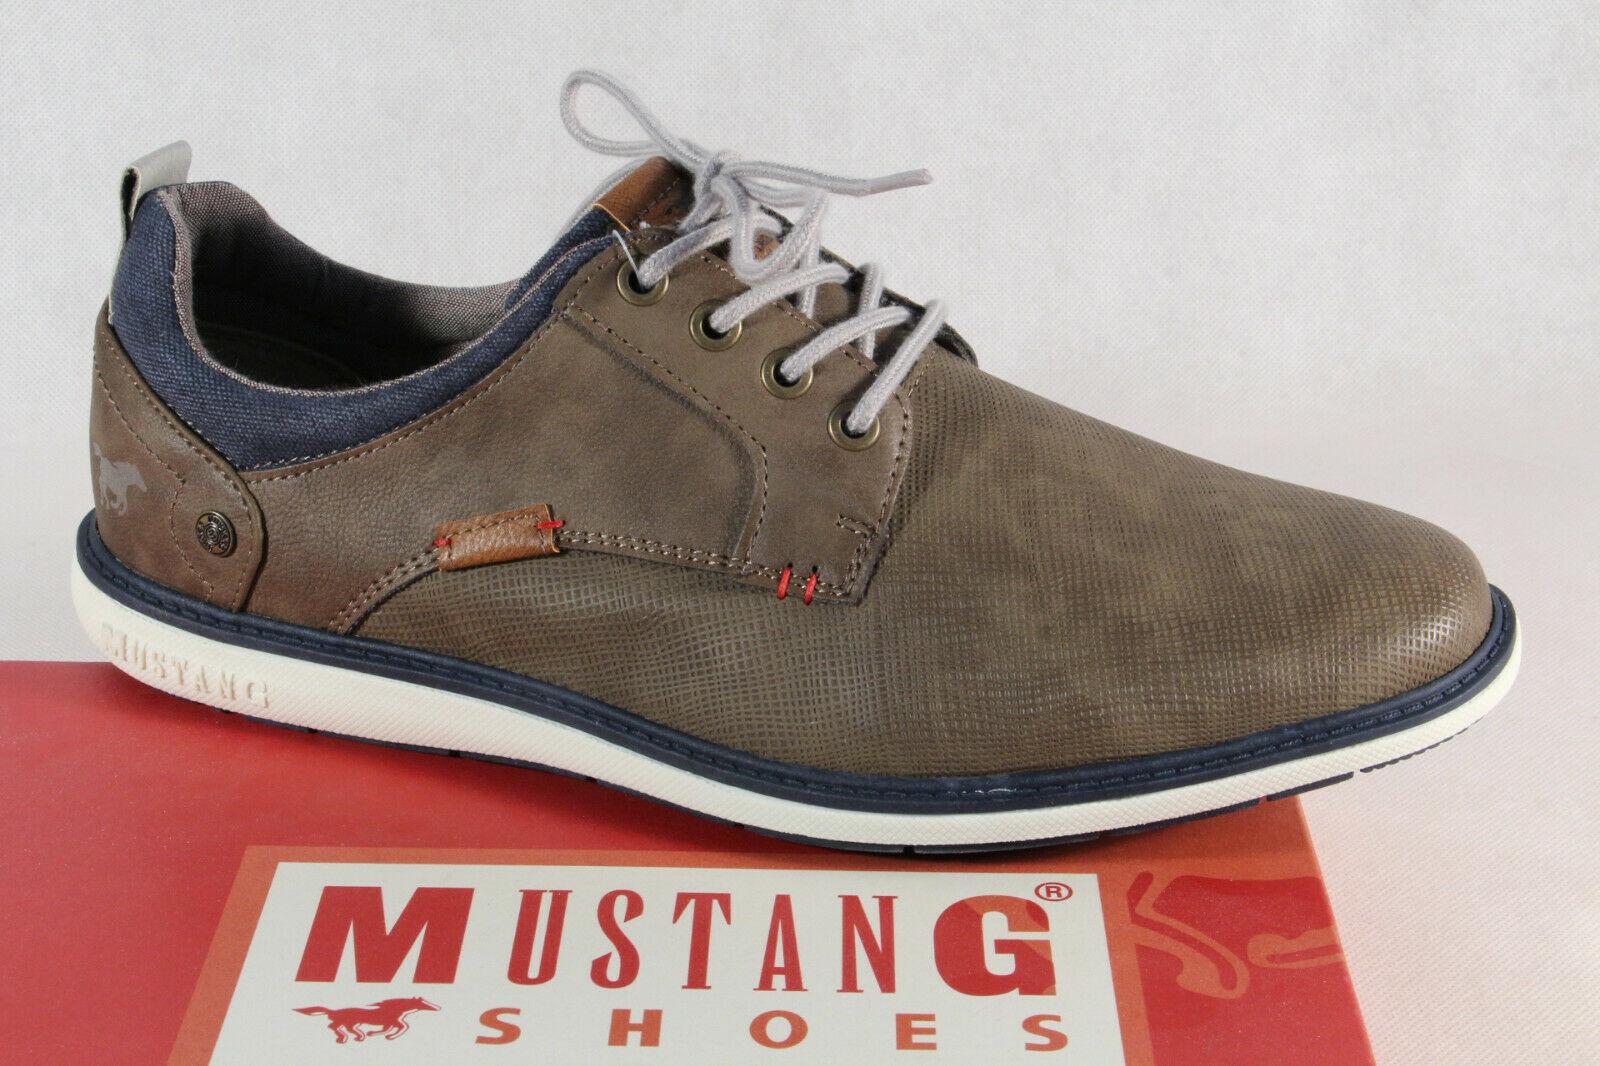 Mustang Herren Schnürschuhe Sneakers Halbschuhe Sportschuhe 4111 braun NEU!